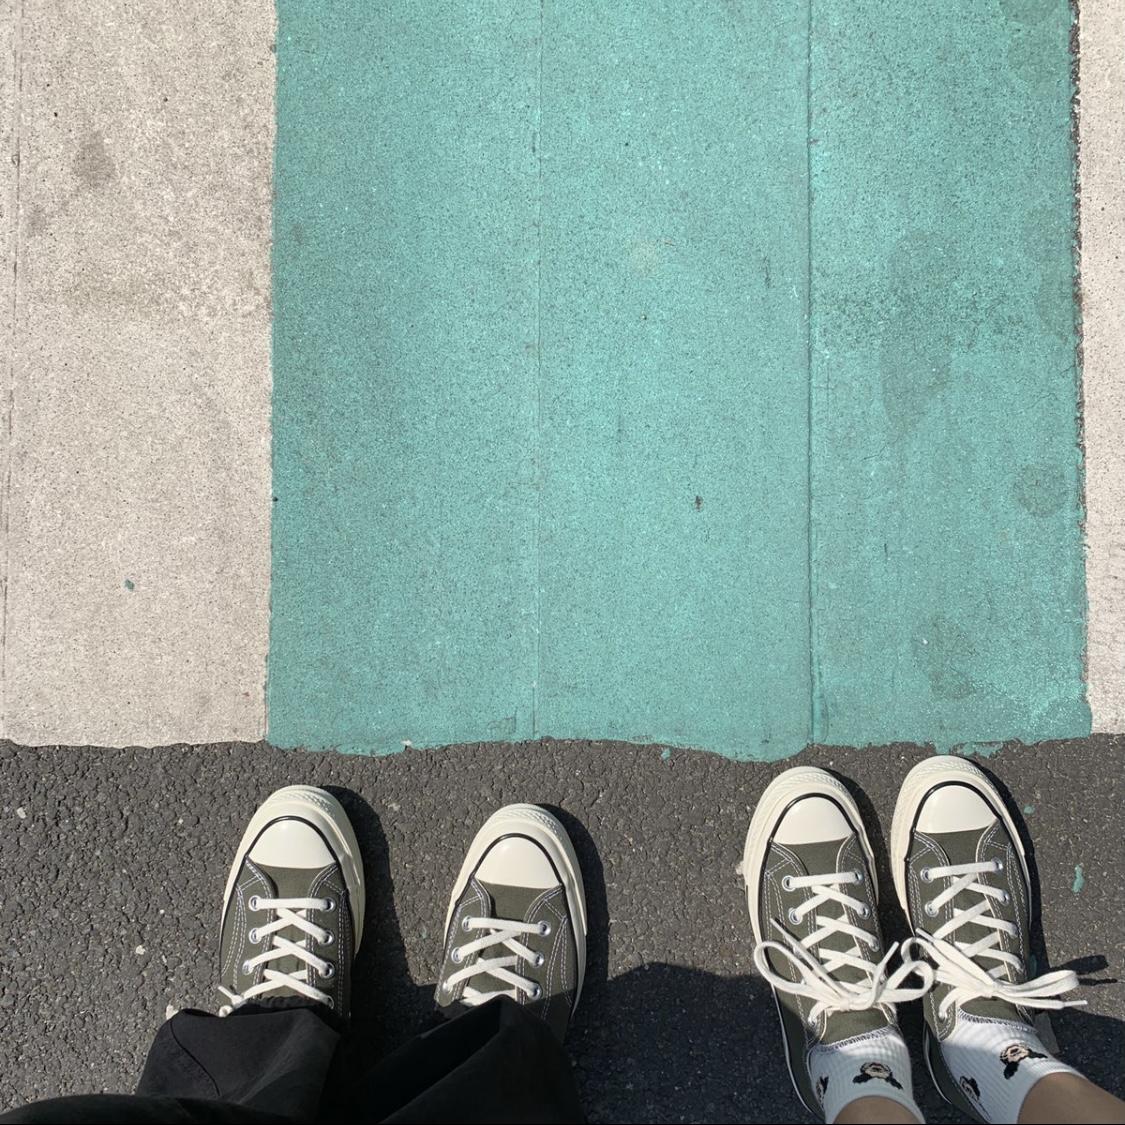 绿色运动鞋 Converse匡威Chuck 70复古运动休闲帆布鞋灰绿色162052C 162060C_推荐淘宝好看的绿色运动鞋